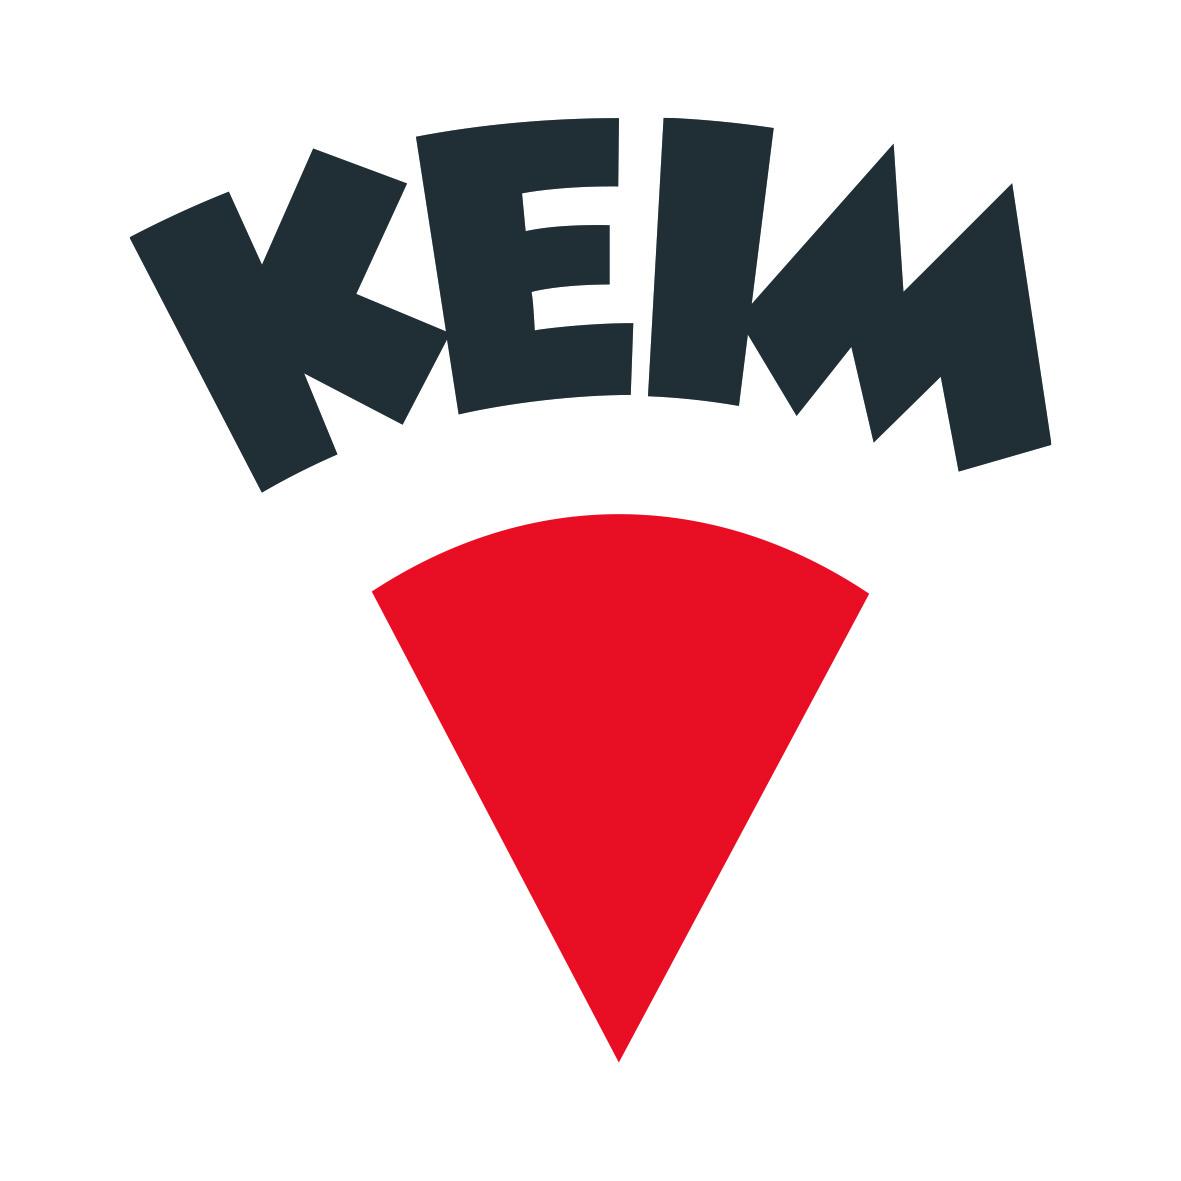 keim-logo-2016.jpg